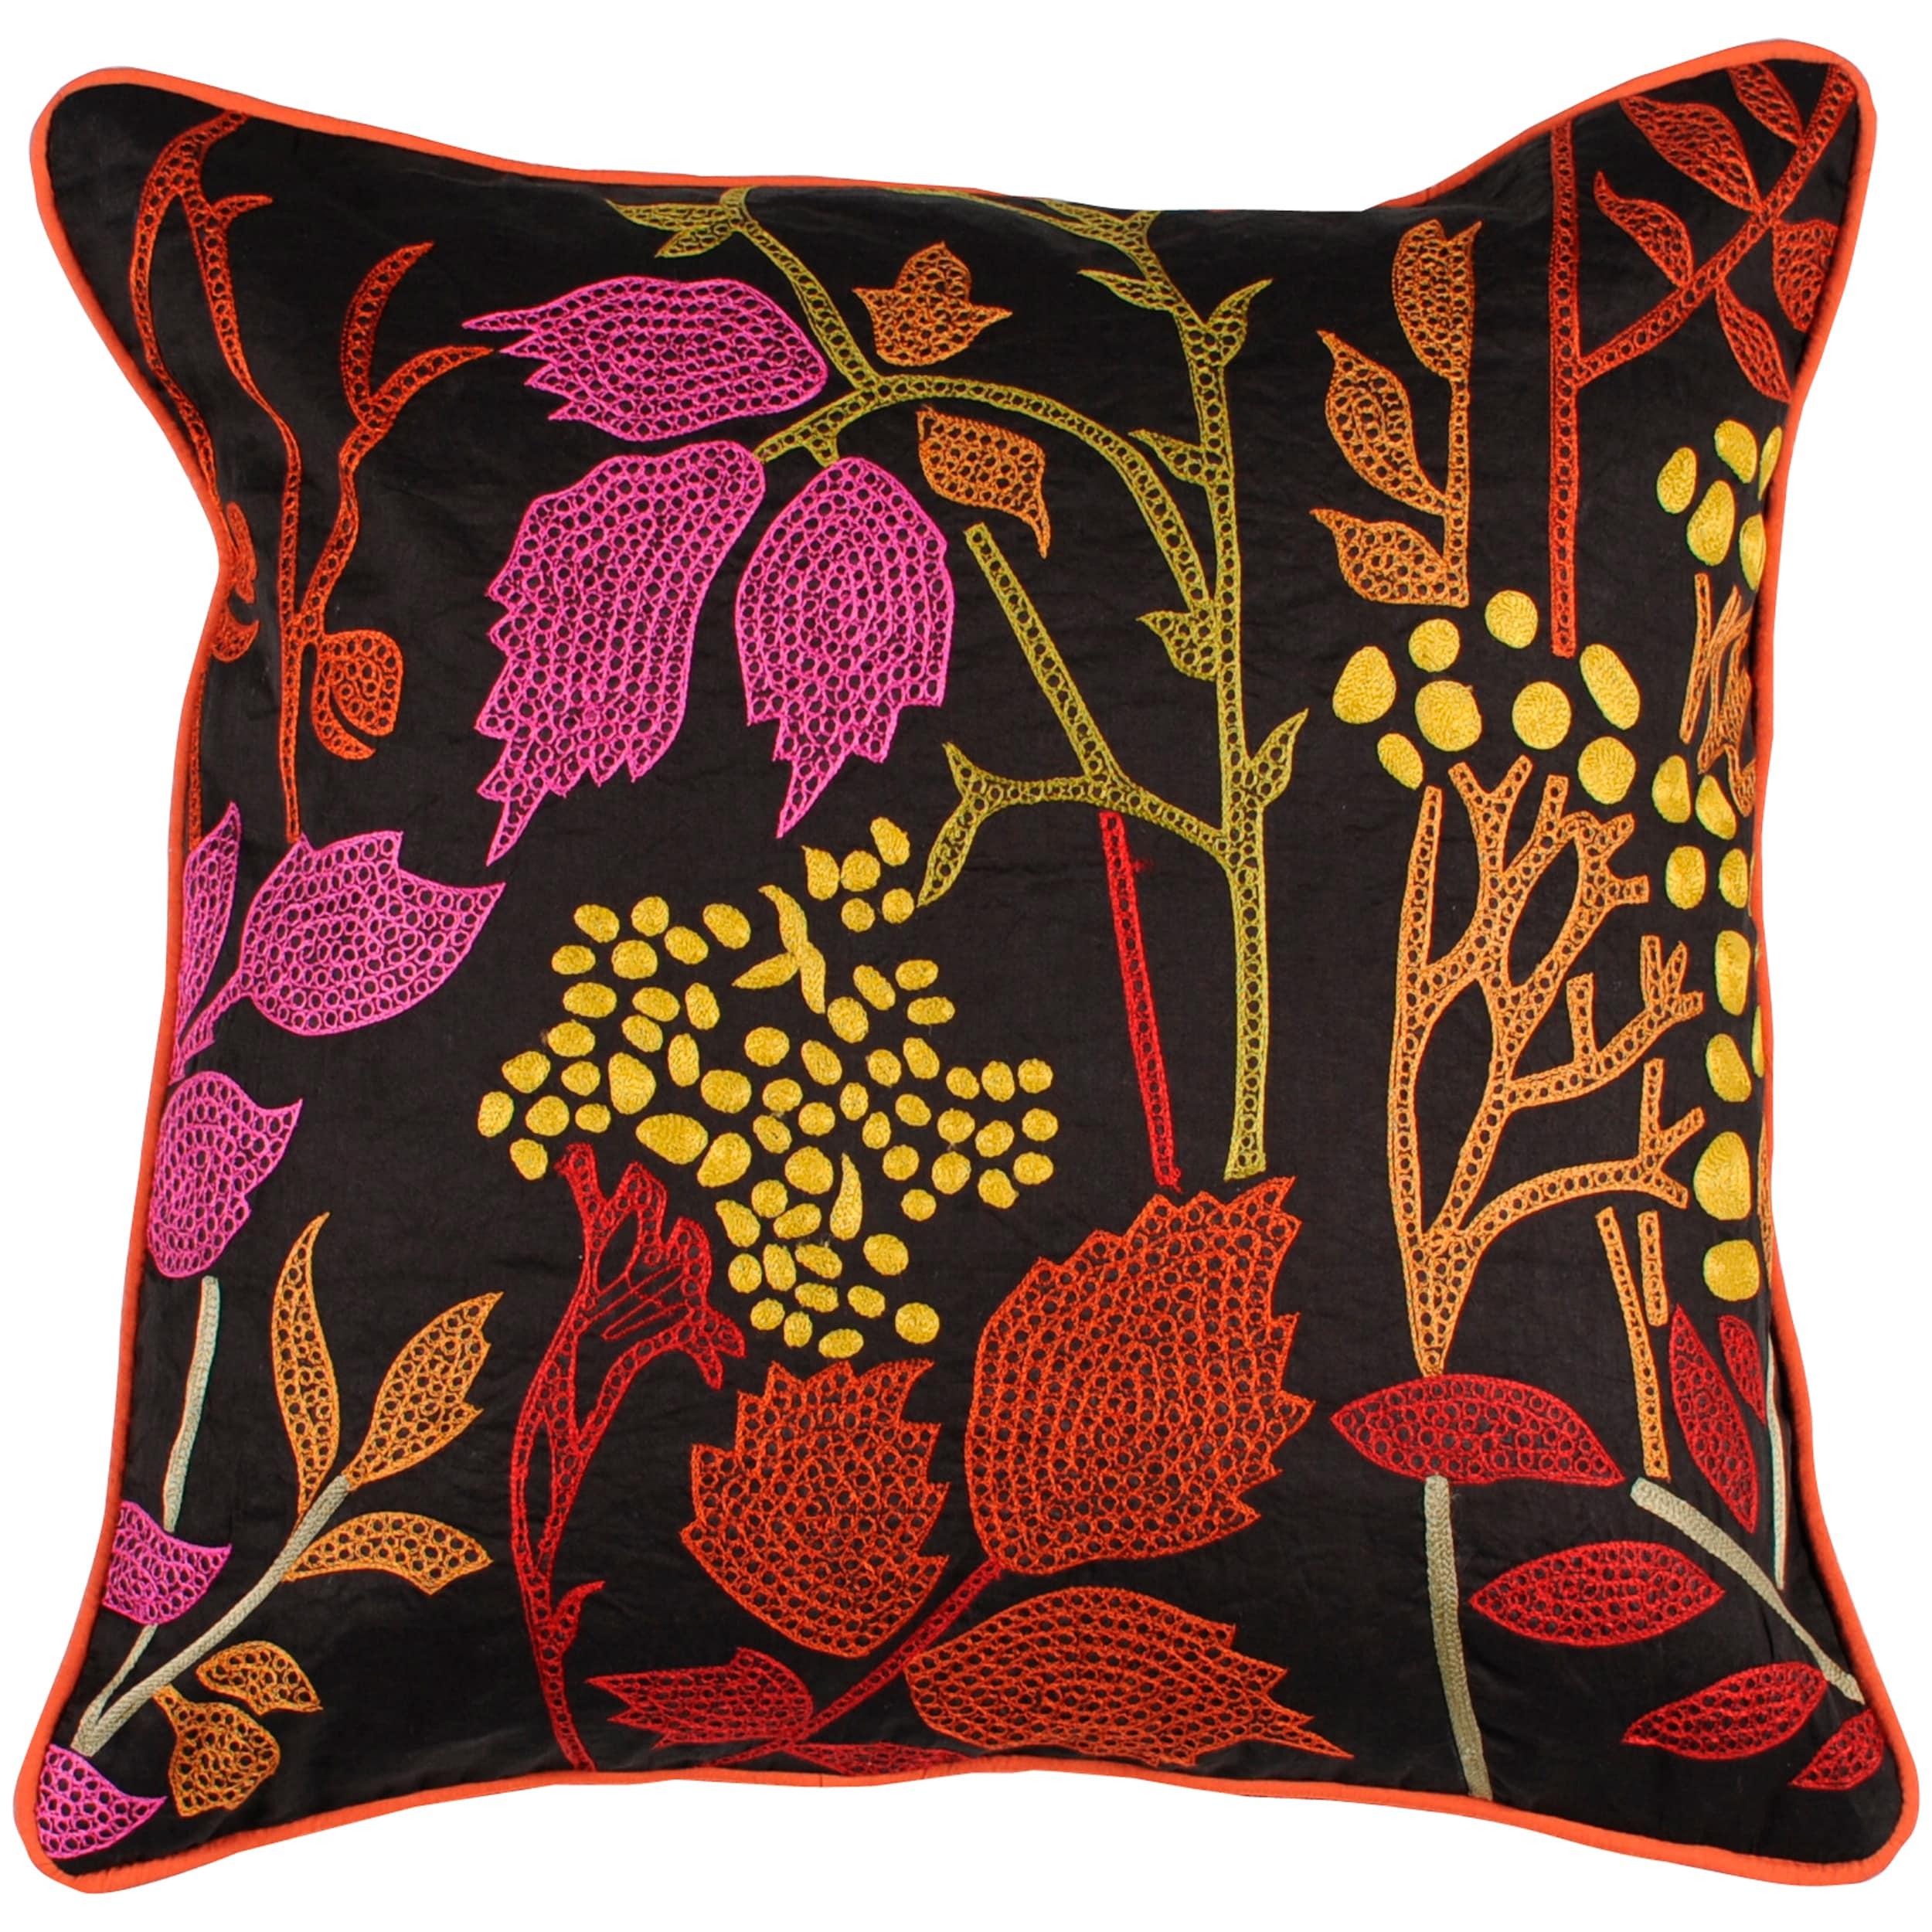 Bohemian Floral Park 18x18 Multicolored Pillow